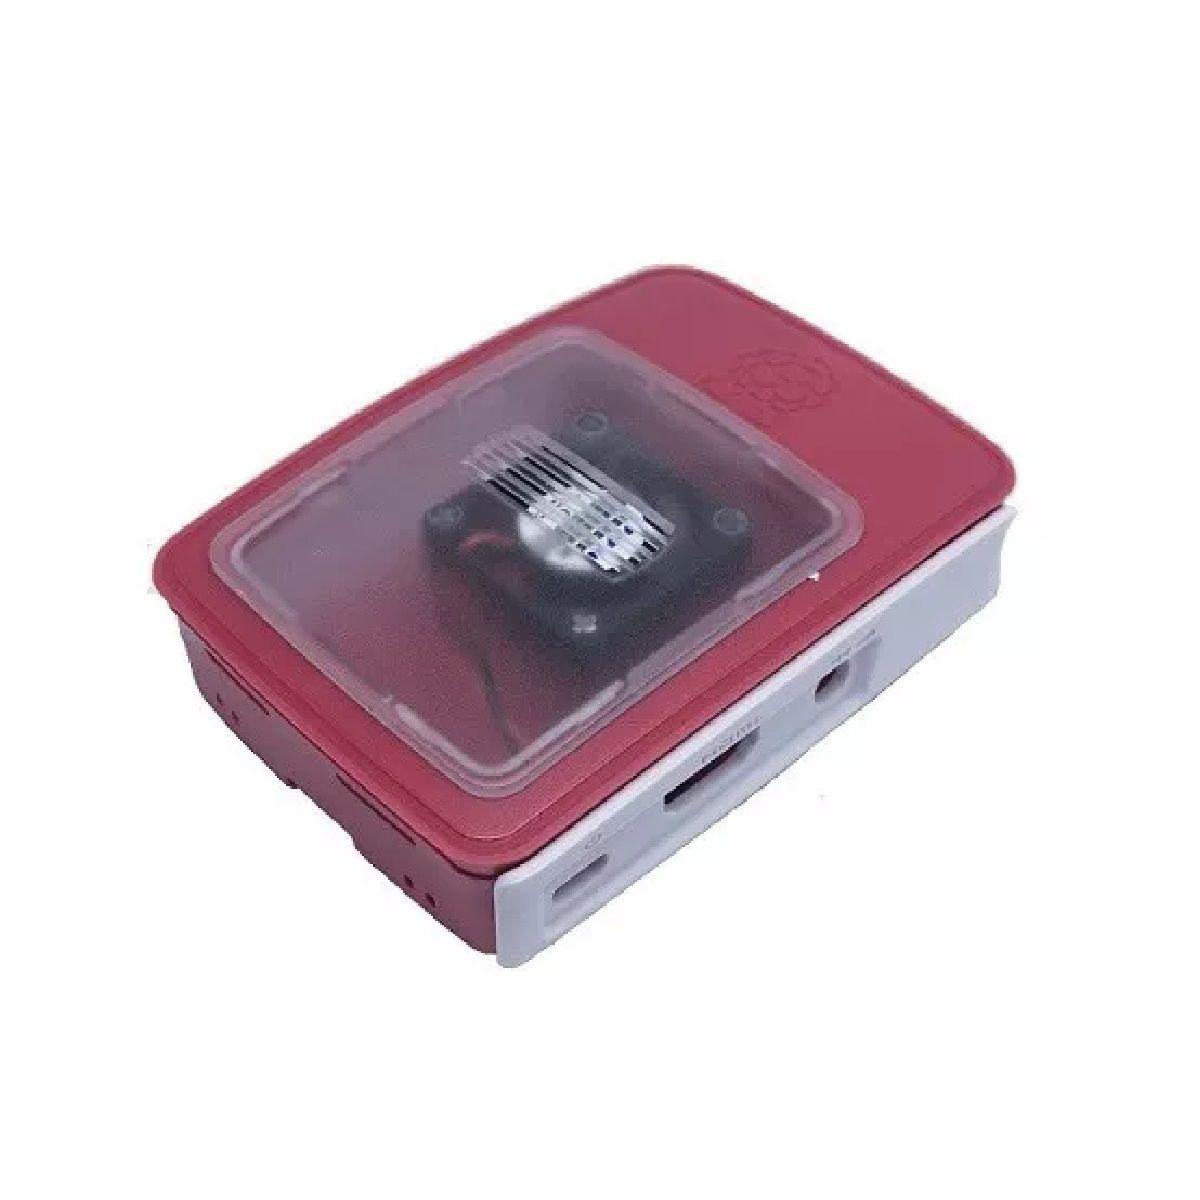 Nova Case Official Com Cooler Para  Raspberry Pi 3 Pi3